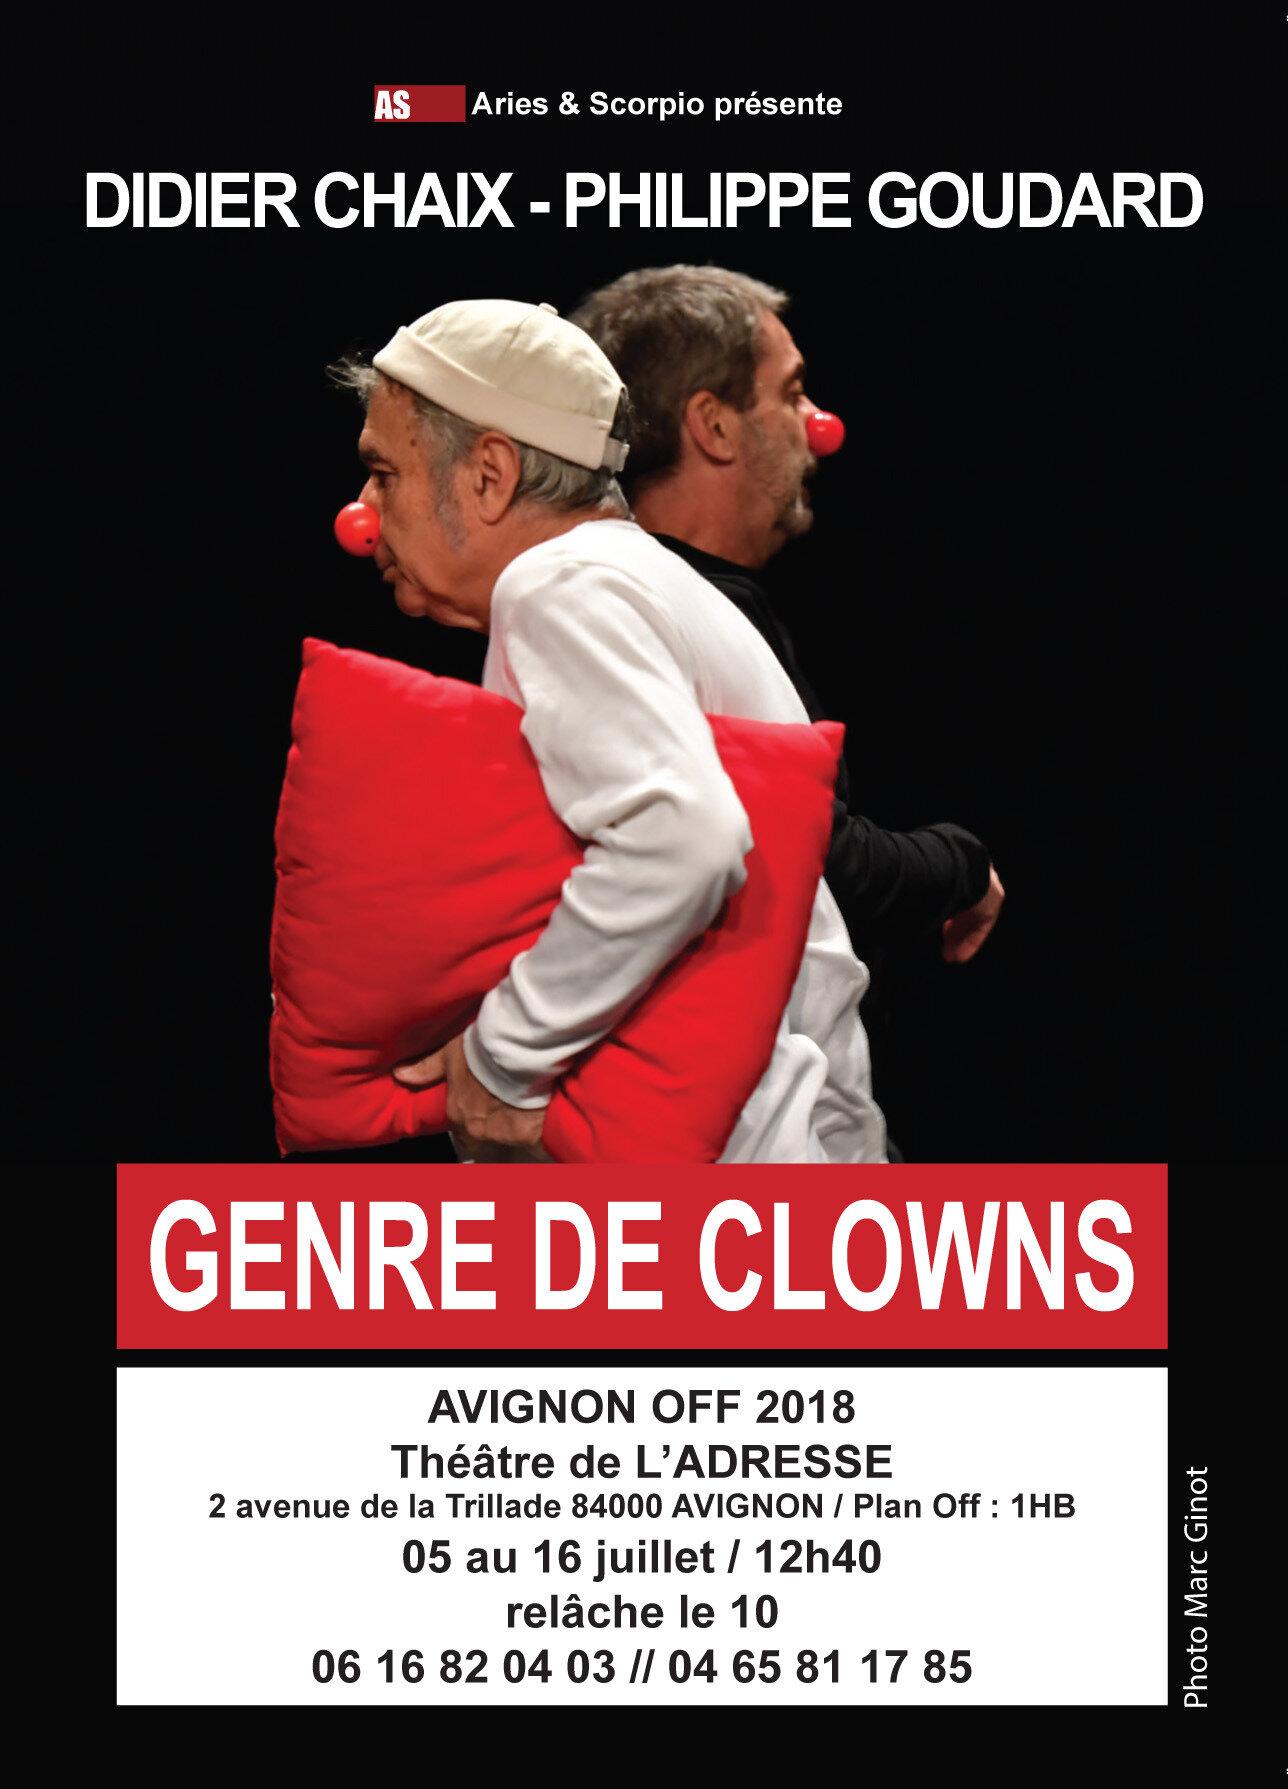 Avignon: spectacles de mes amis Philippe Goudard et Sandy Sun